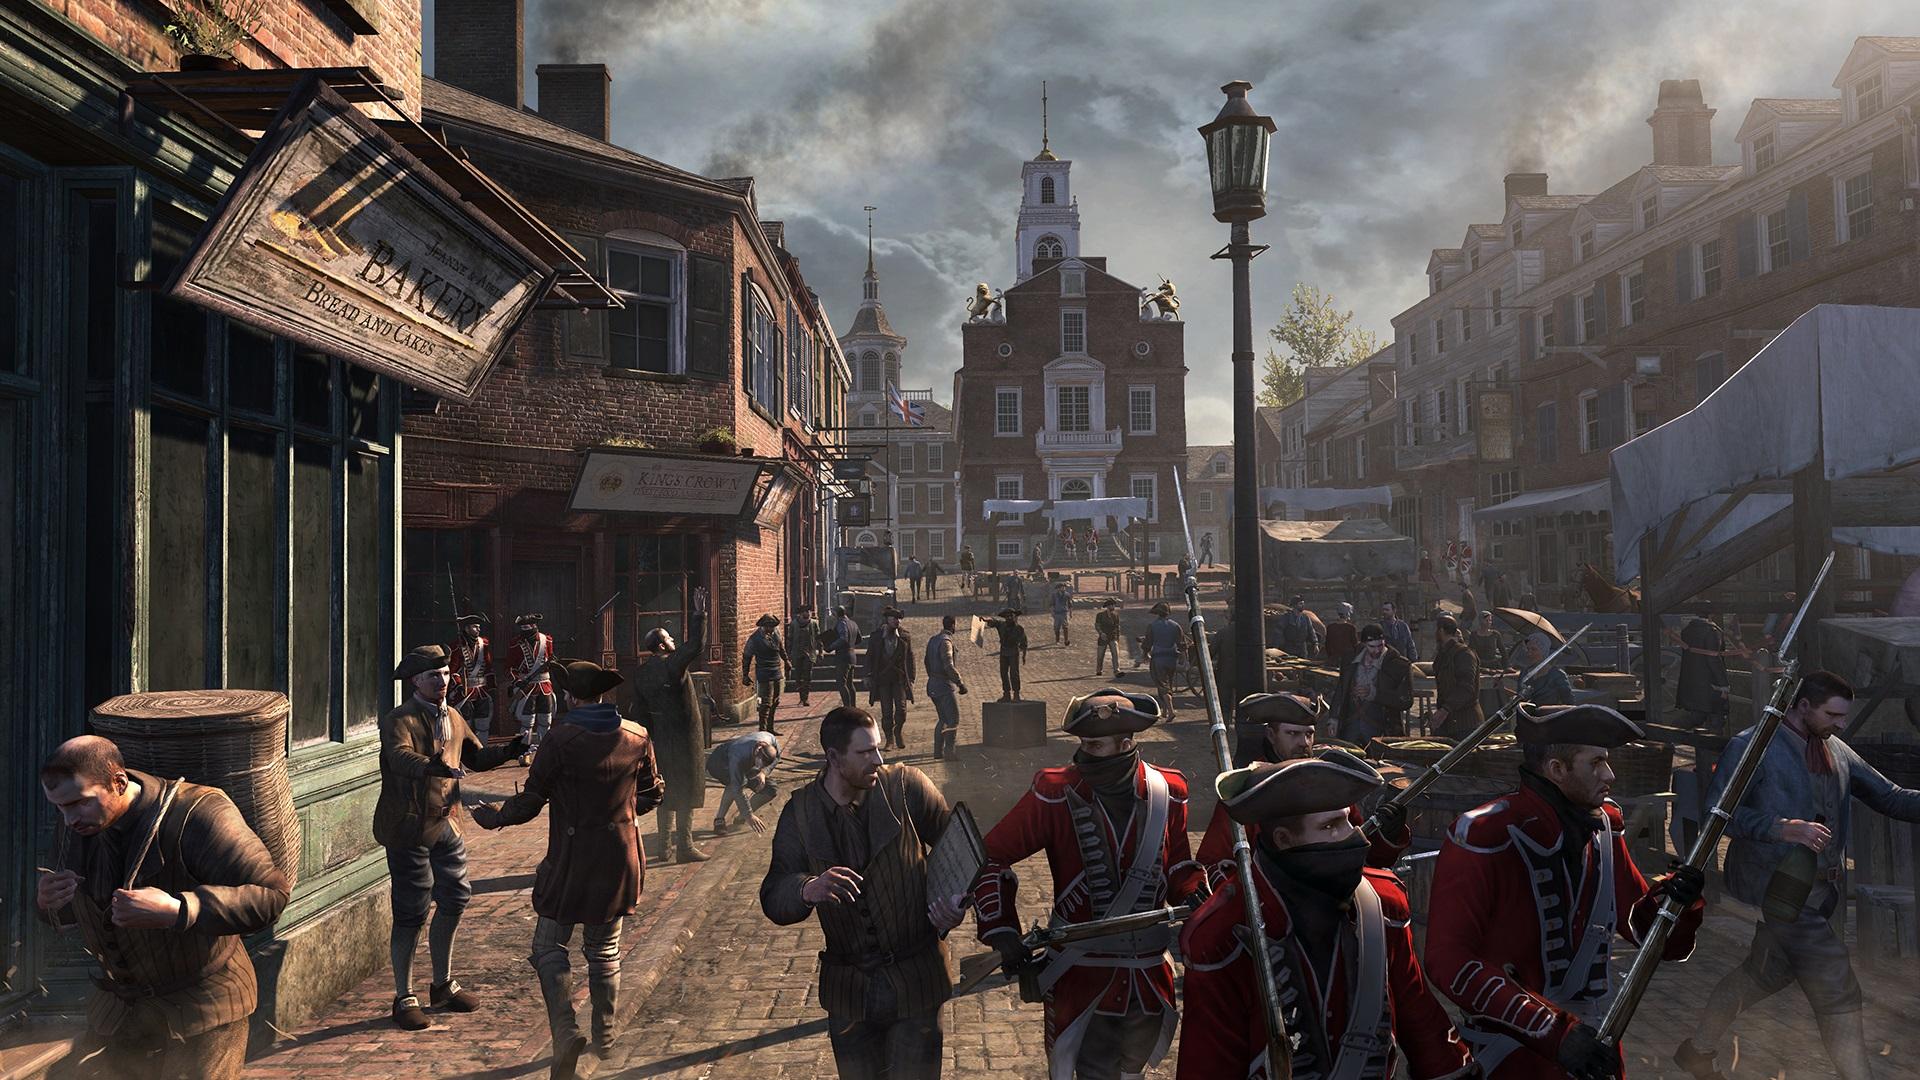 Mừng Giáng sinh, Ubisoft tặng free cả Assassin's Creed 3, không cần phải crack để chơi nữa!